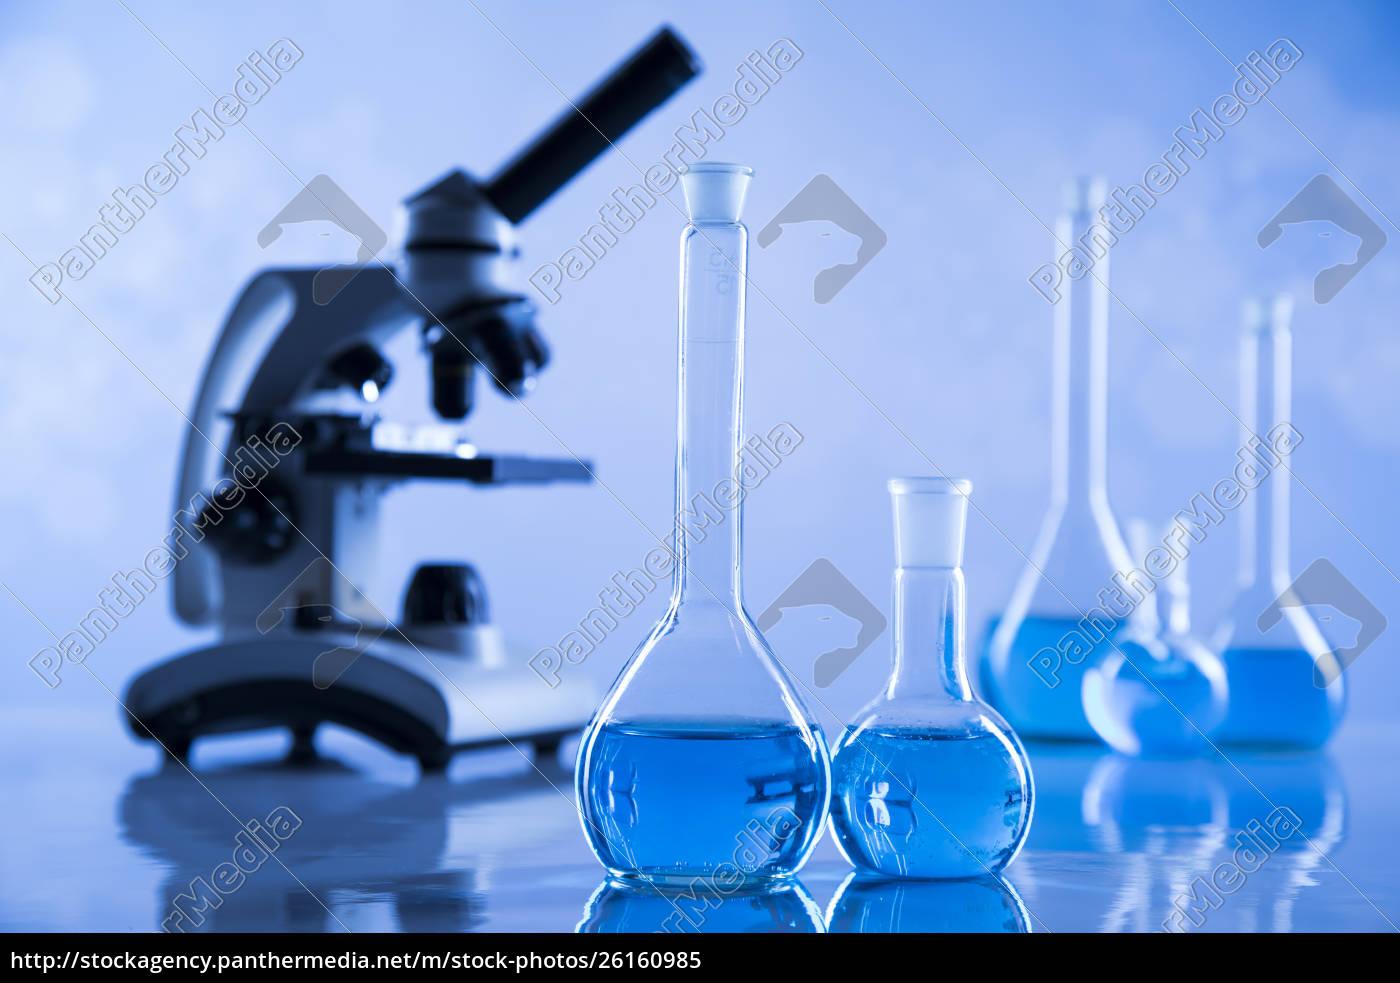 udvikling, videnskabelige, glasvarer, til, kemisk, eksperiment - 26160985